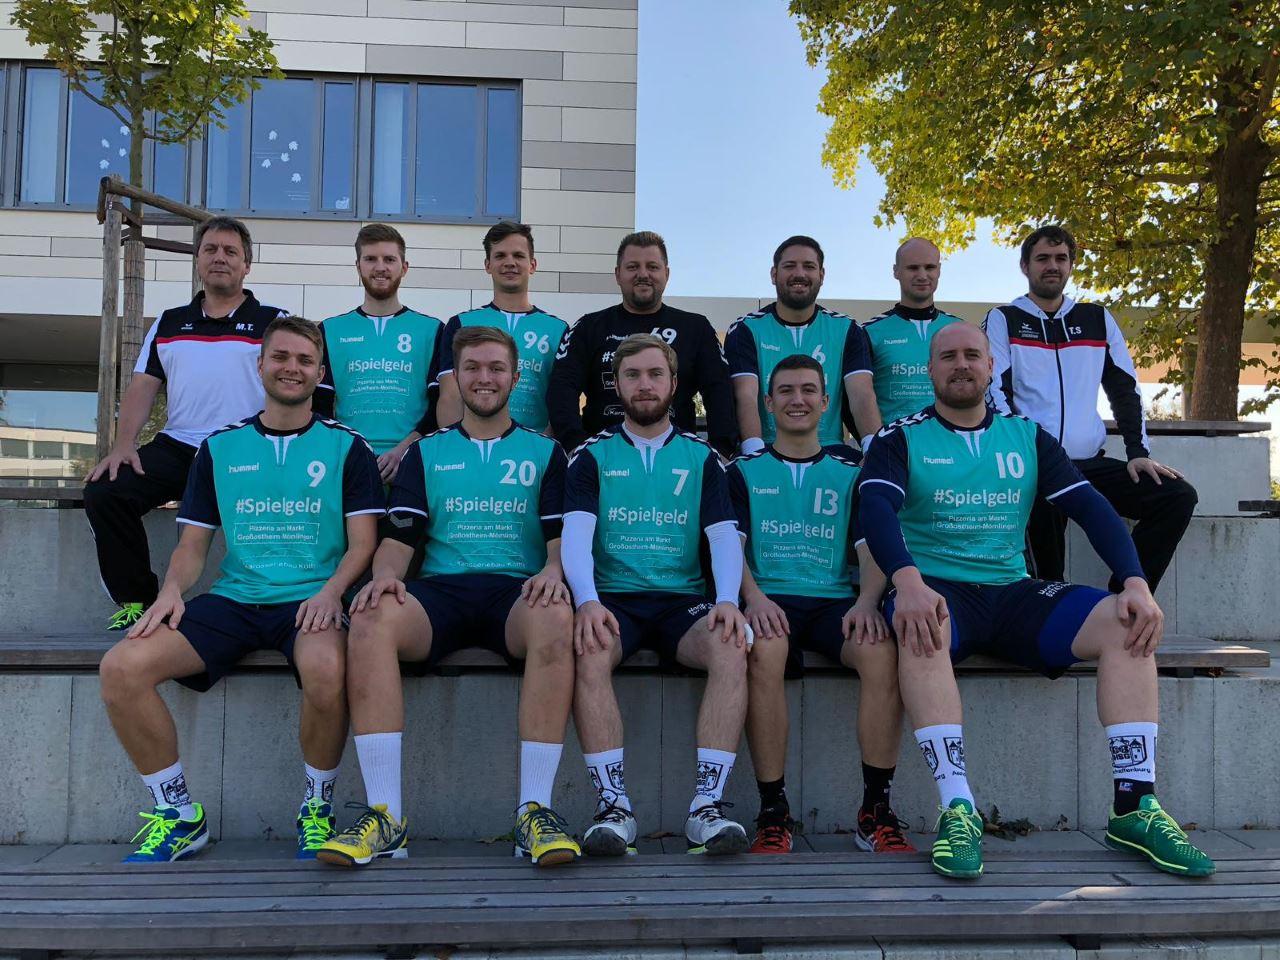 HSG Aschaffenburg 08 - Herren 1 (2018/2019)